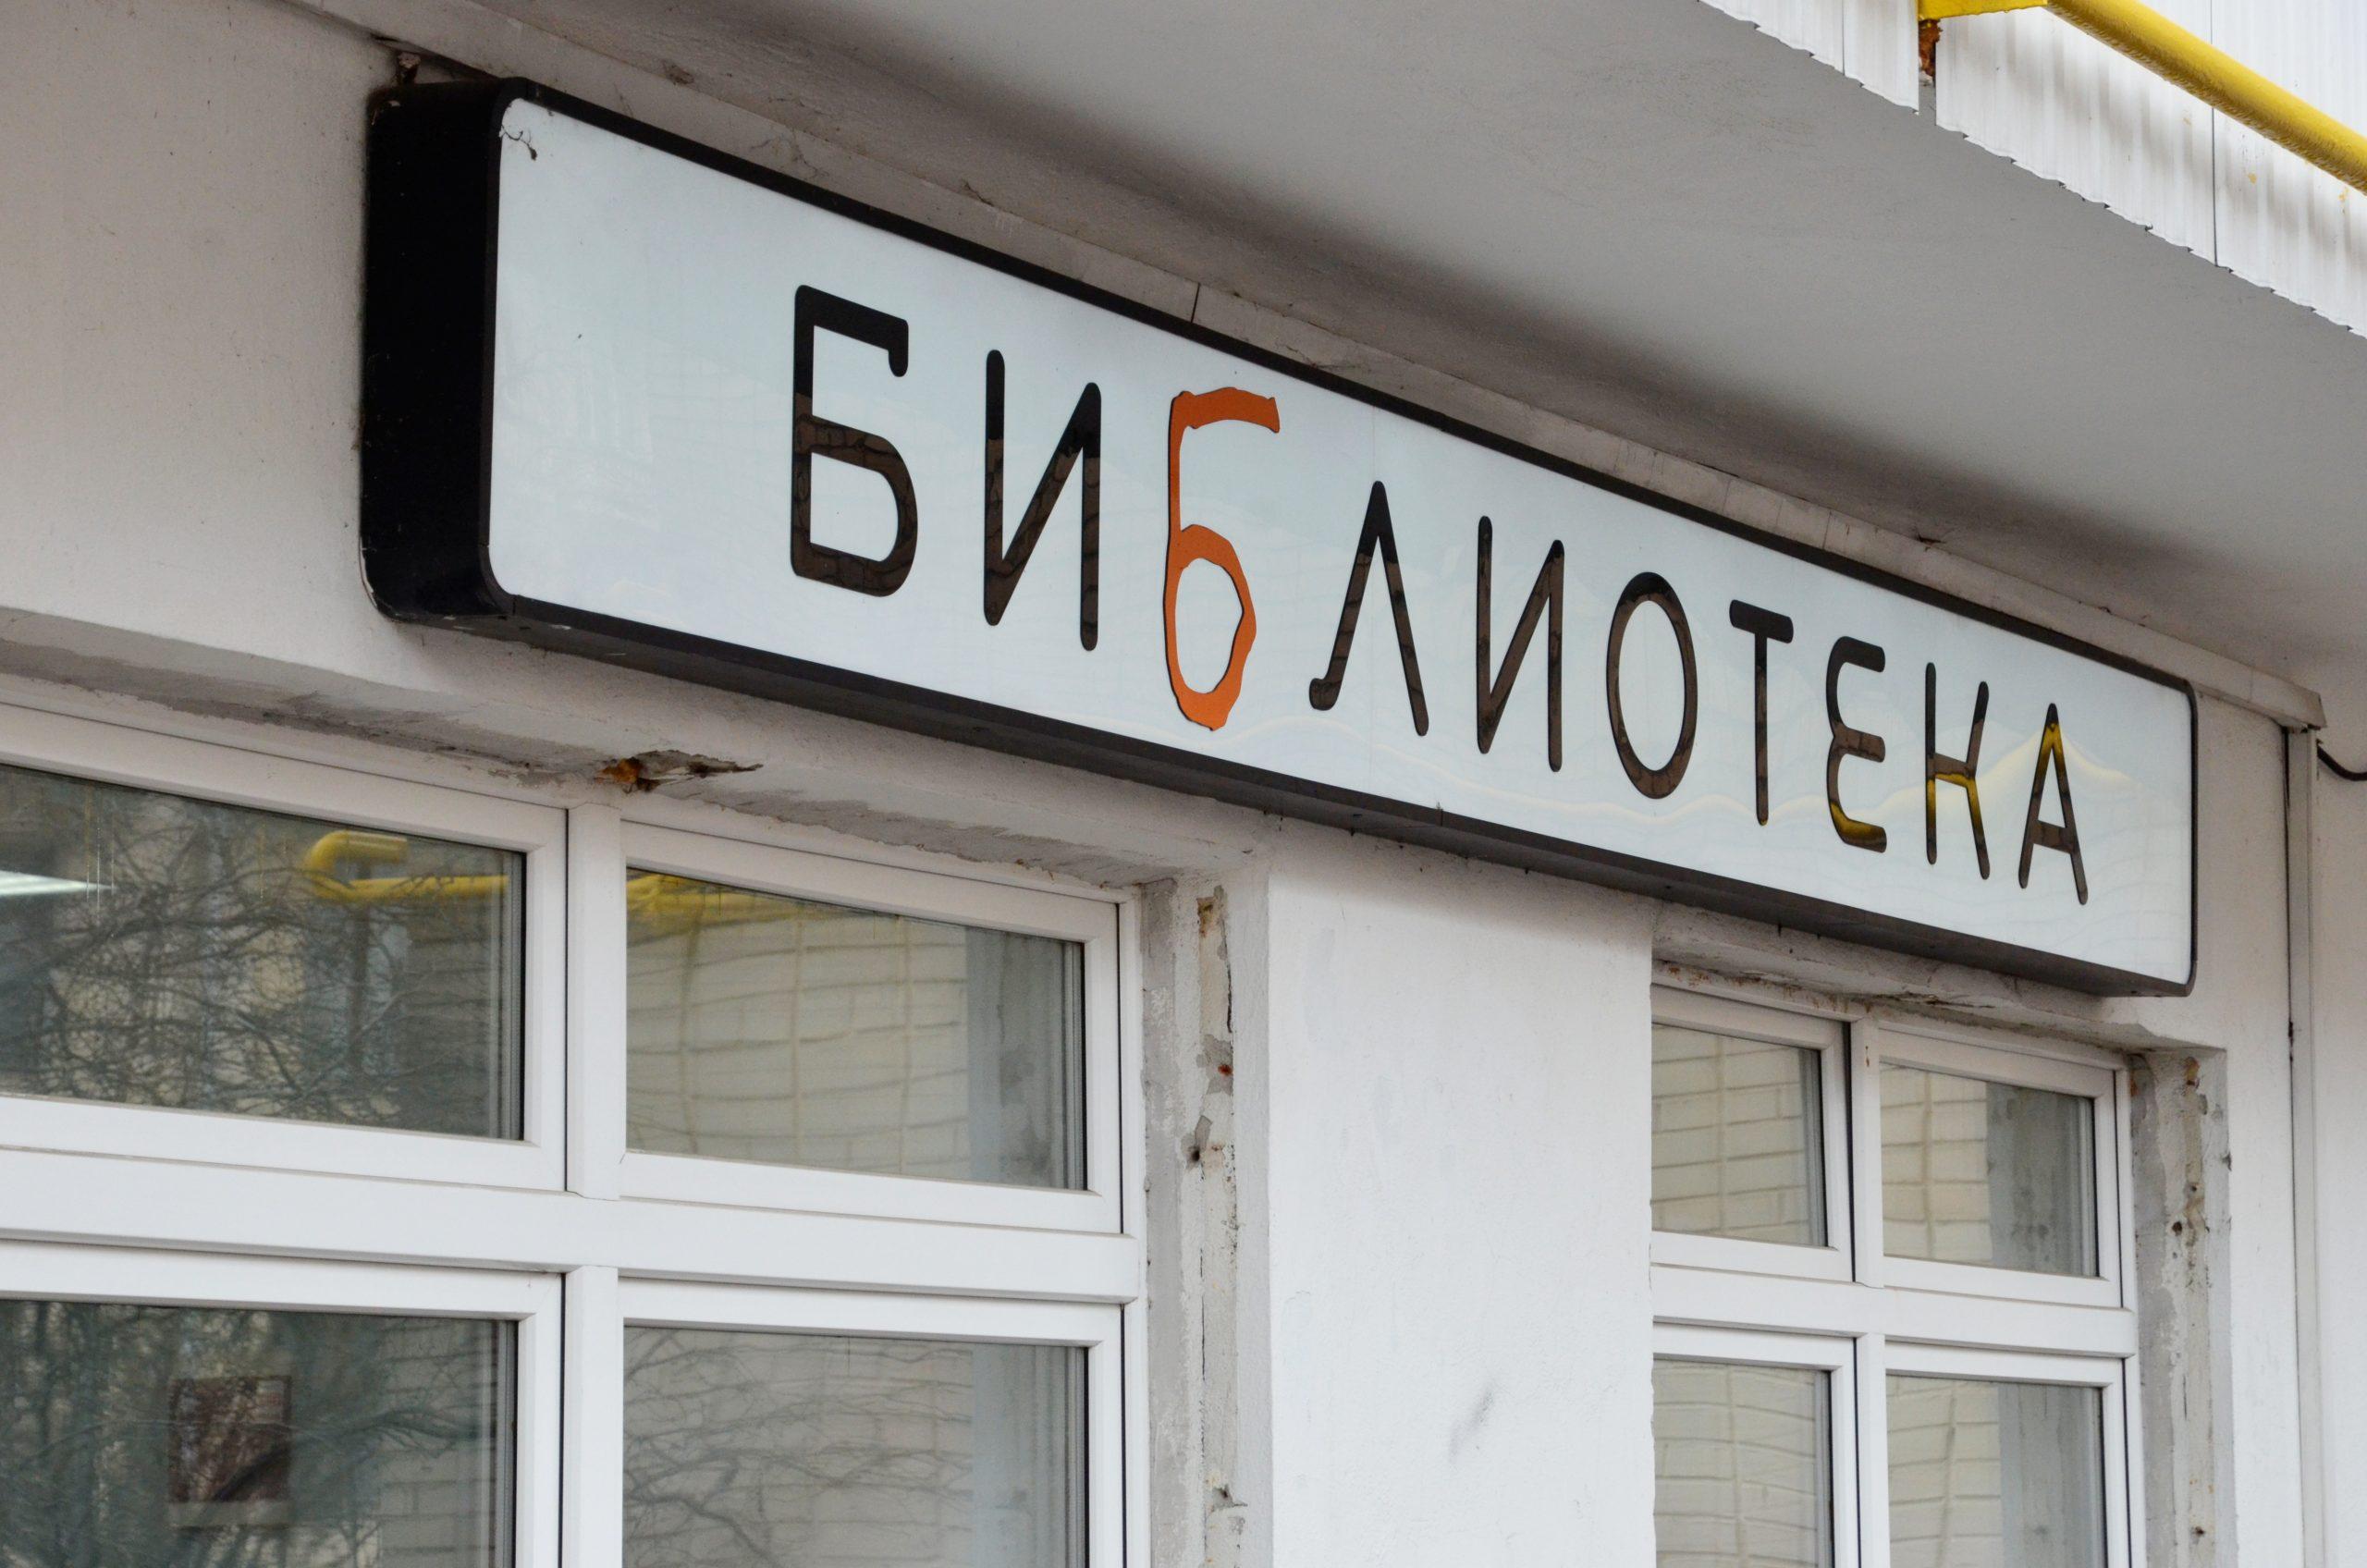 Конкурс чтецов организуют сотрудники библиотеки №262 в Филимонковском